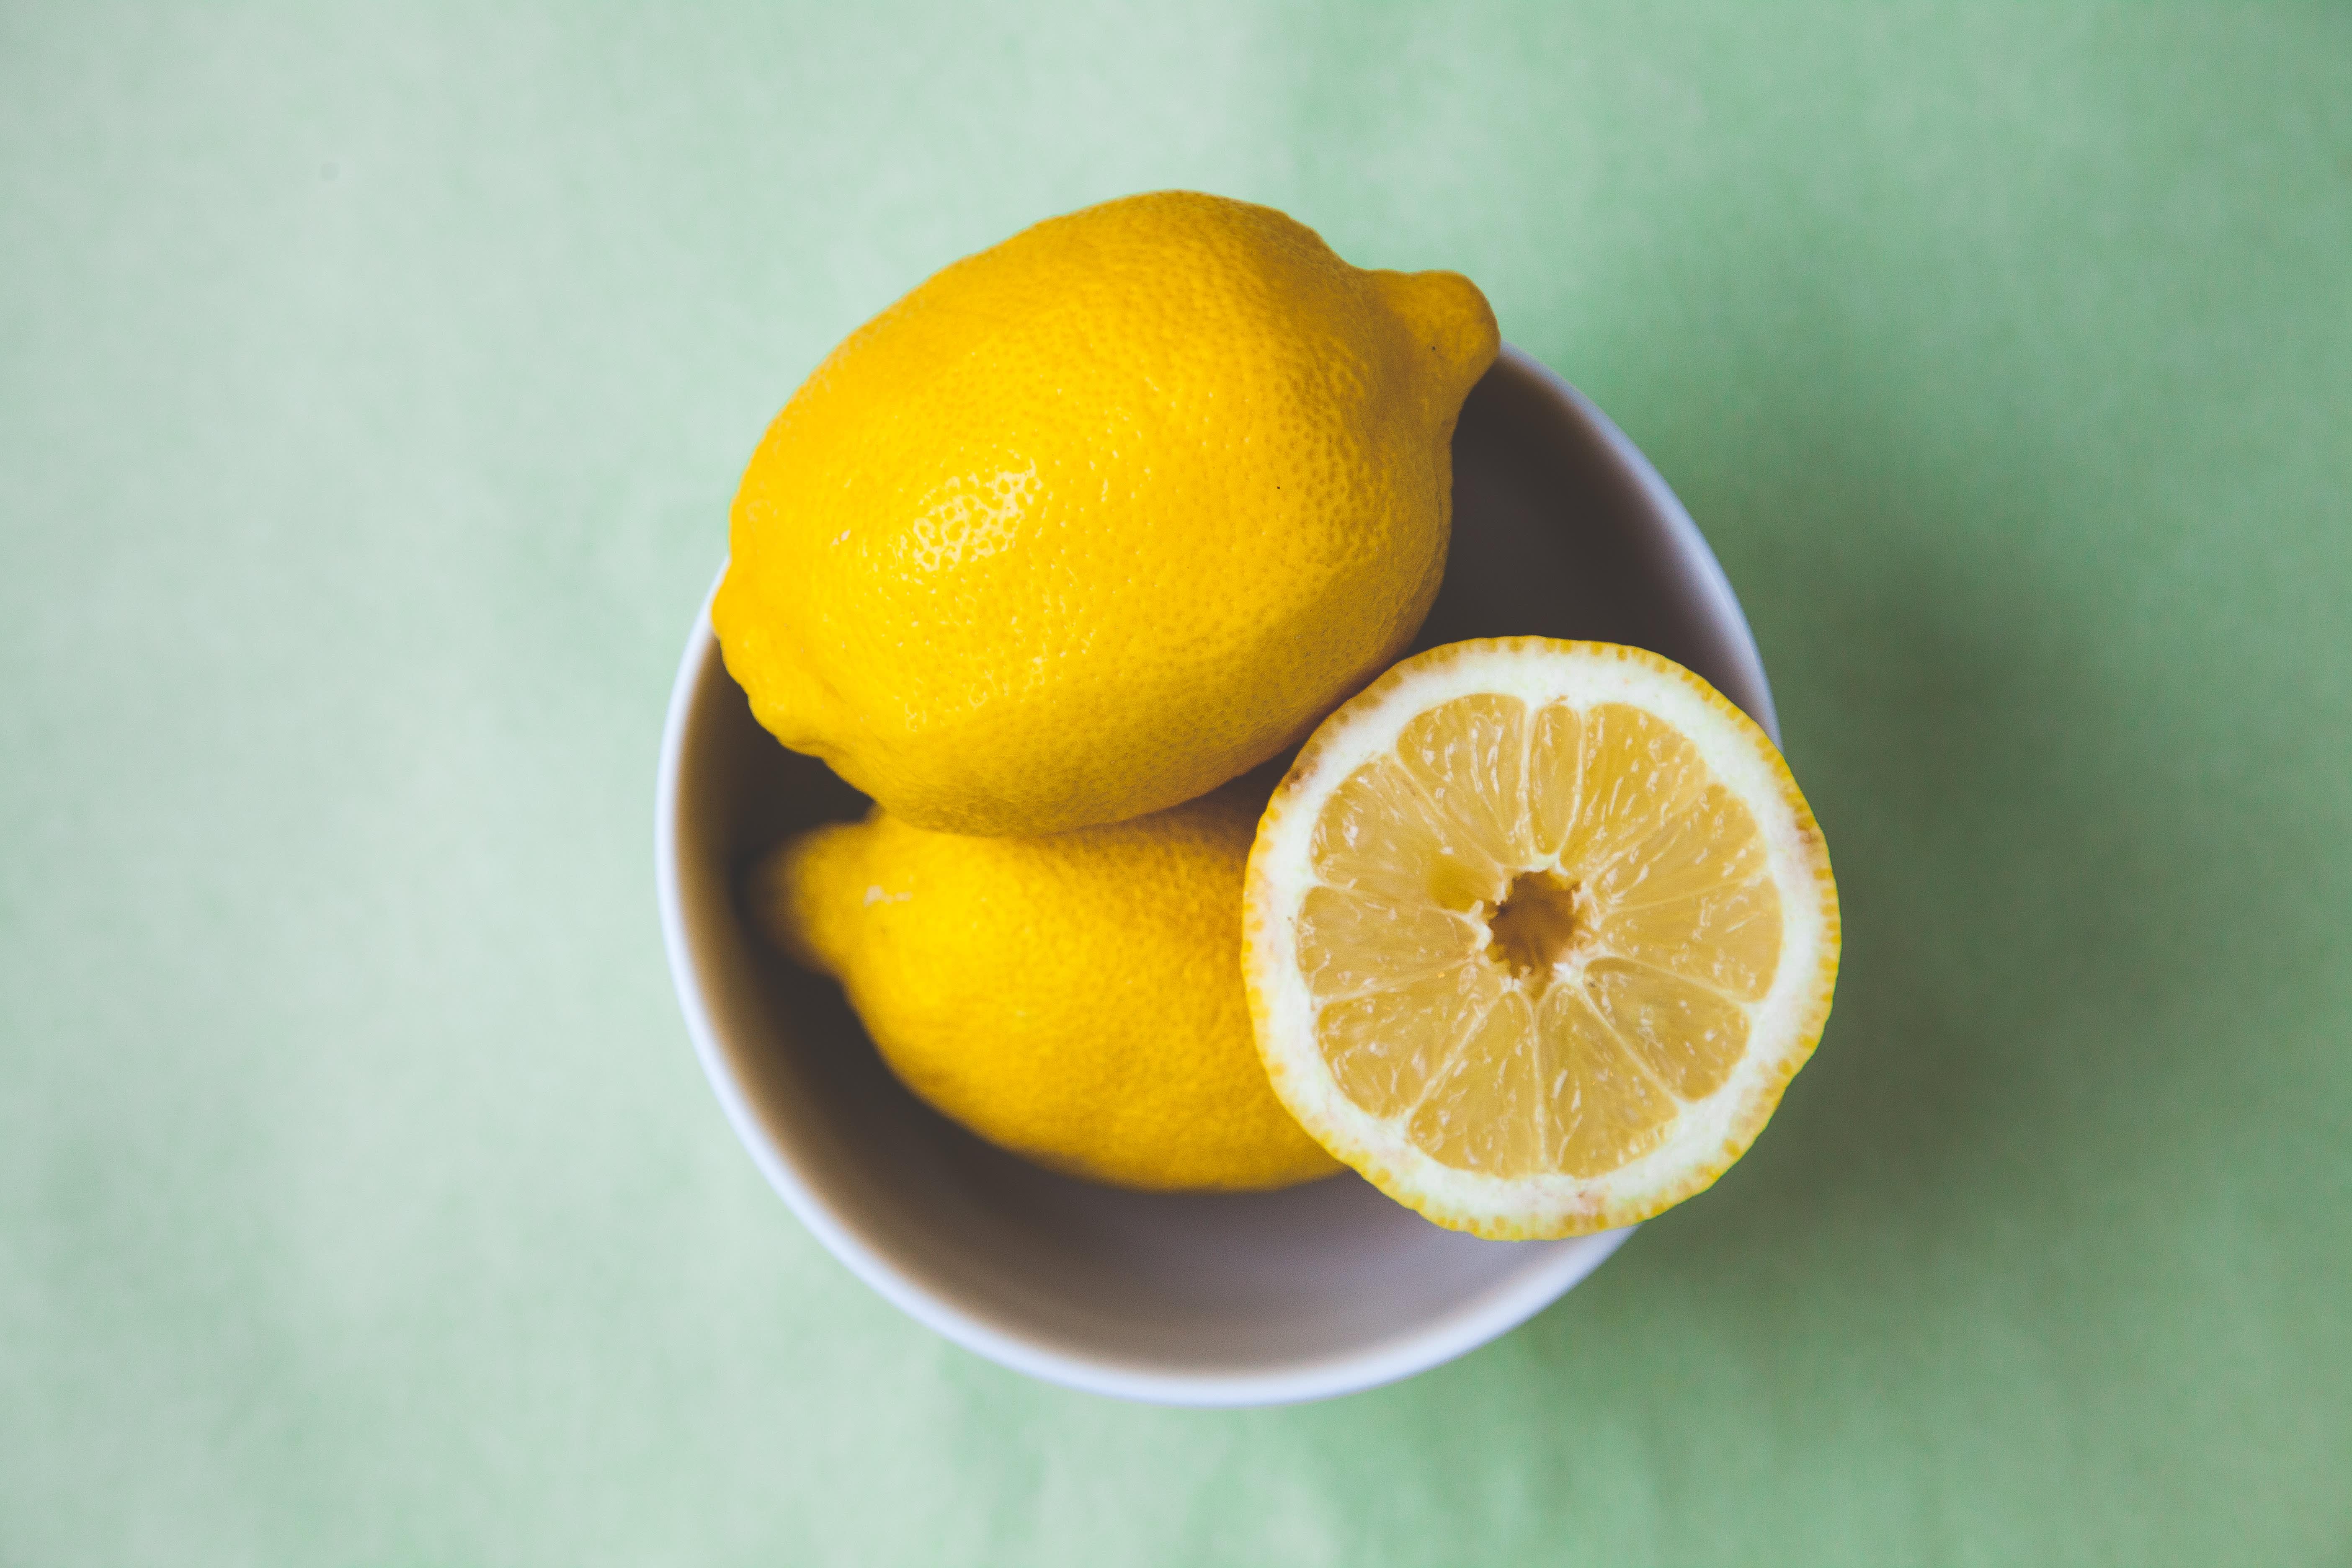 Du kjenner kanskje til tranebær mot blærekatarr? Sitron og grapefrukt kan også gjøre nytte.